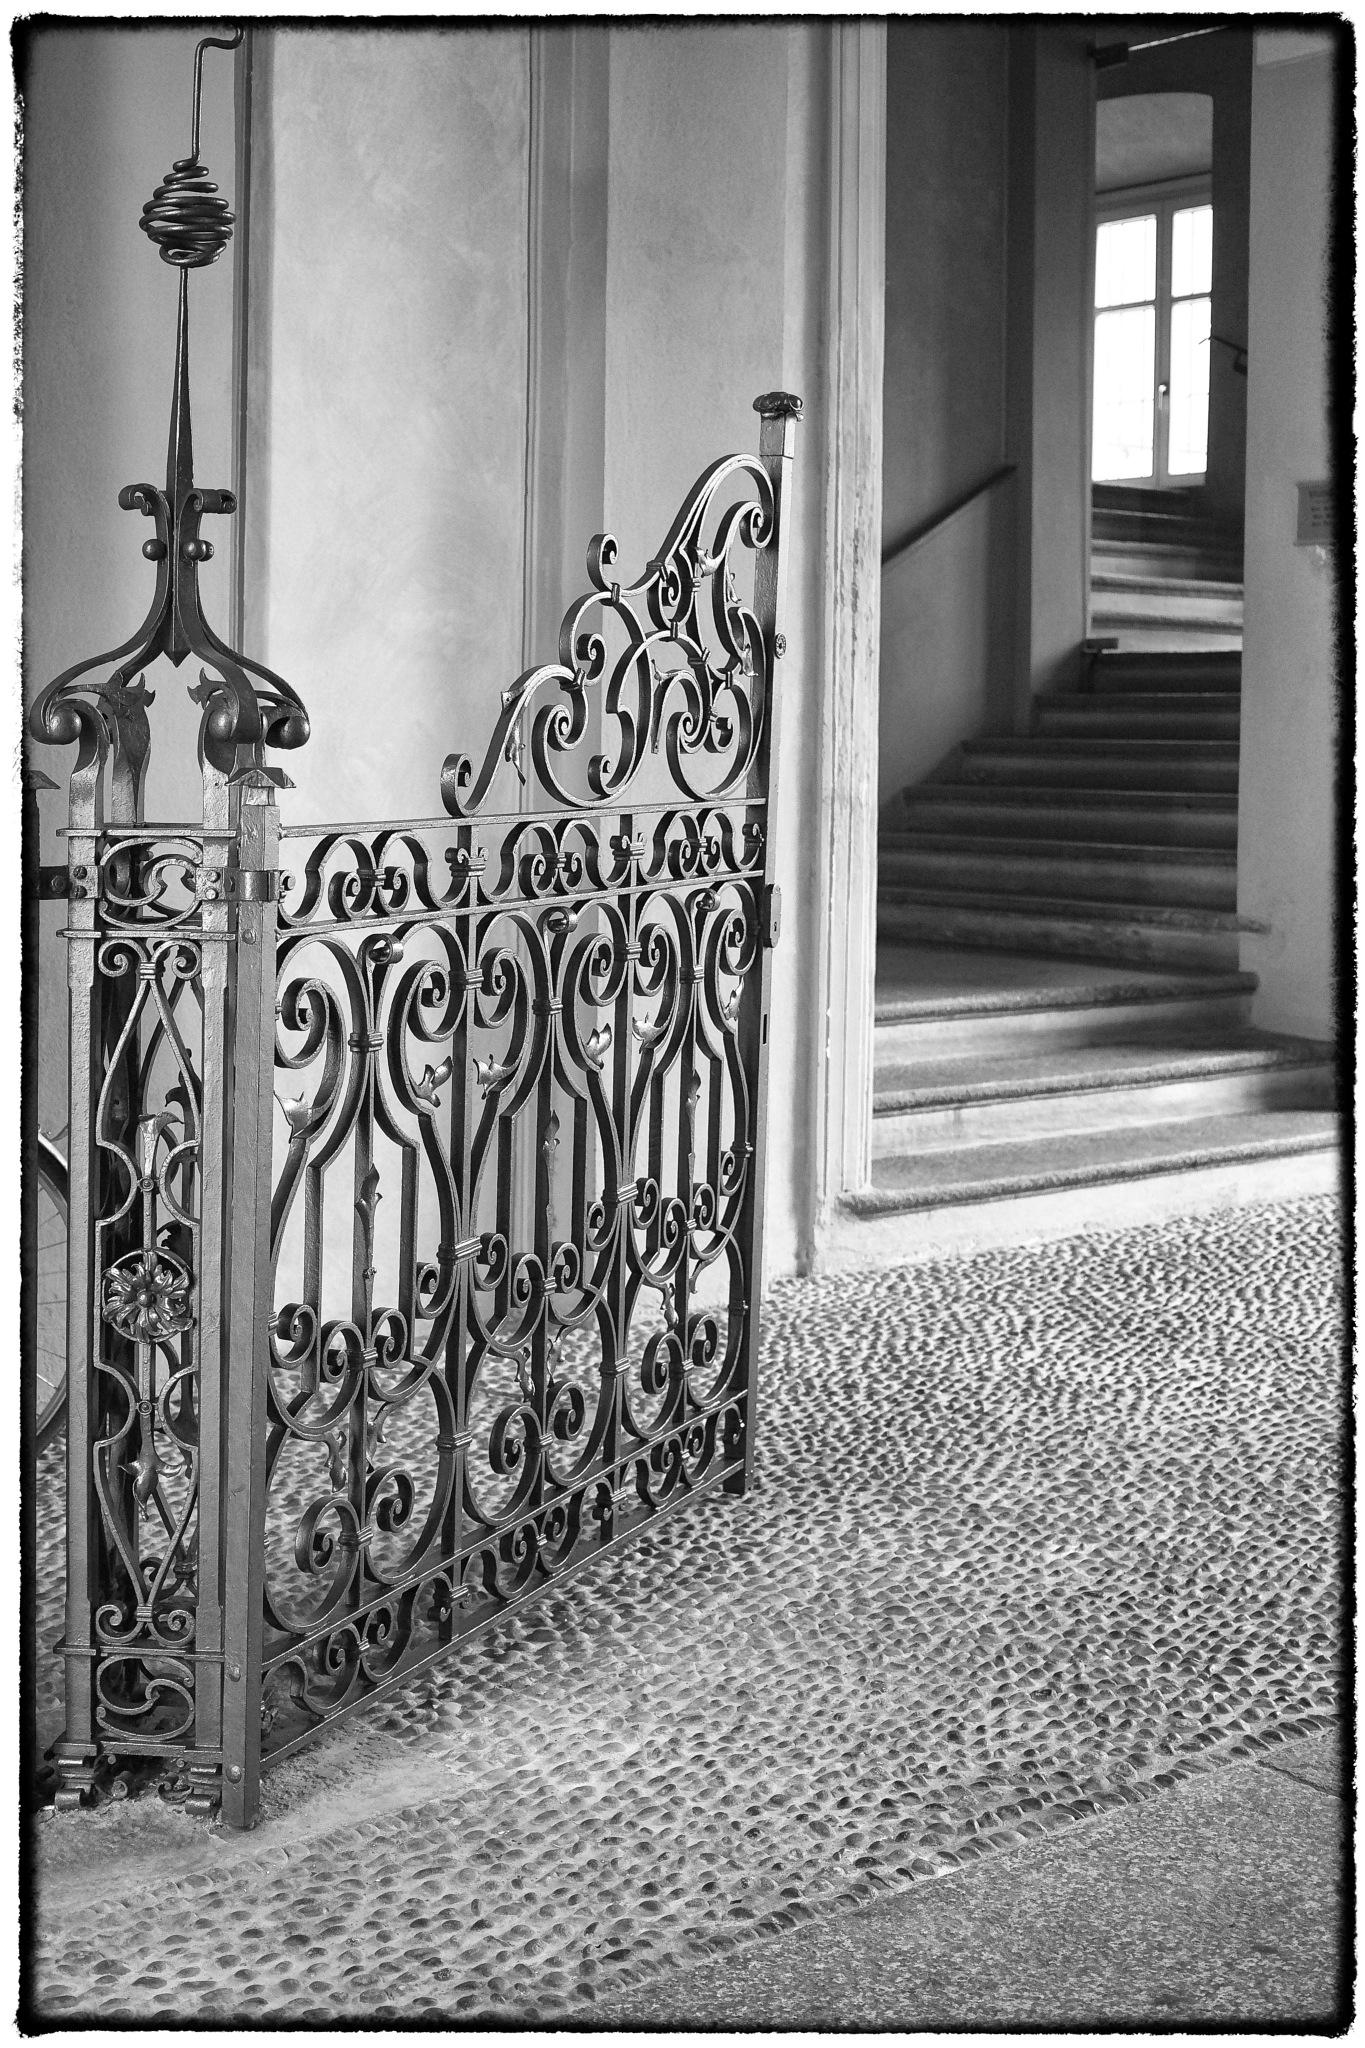 cancello in ferro battuto by bcorech